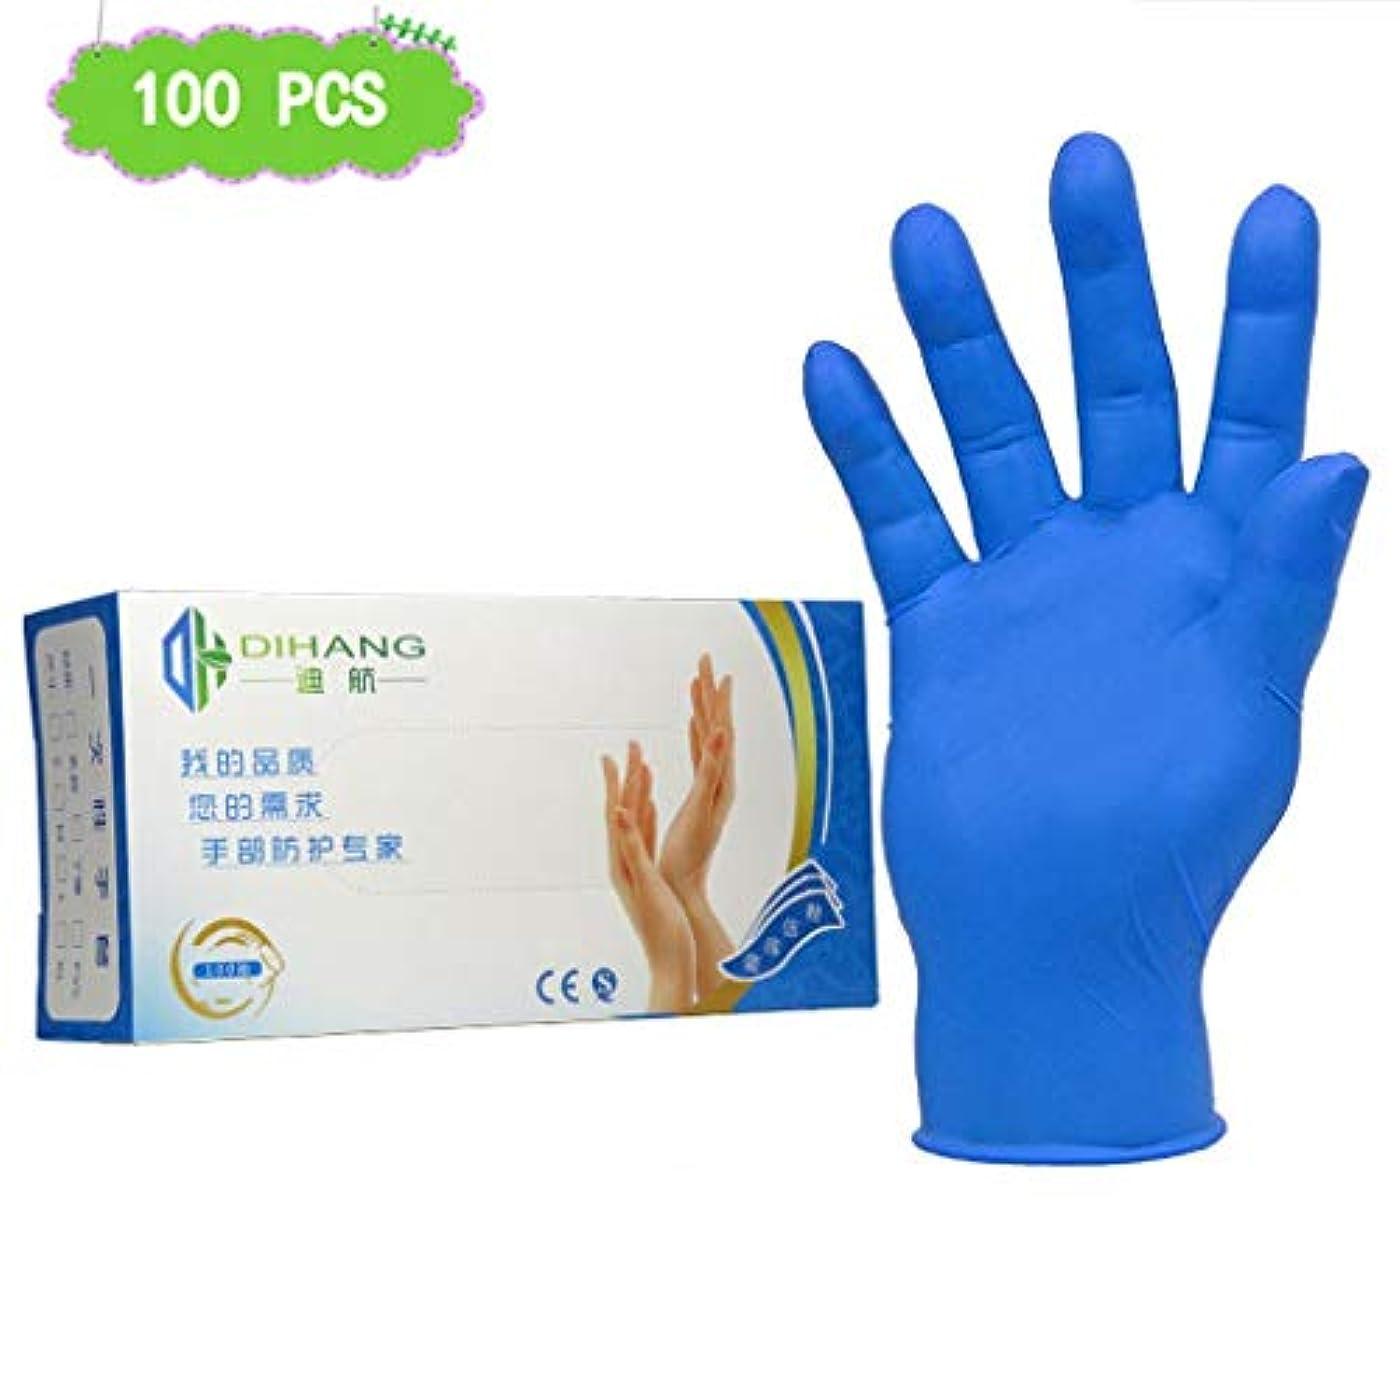 醜い優しさ家ニトリル手袋、9インチ箱入りパウダーフリー工業用検査手袋ダークブルー一般麻肥厚ペットケアネイルアート検査保護実験、ビューティーサロンラテックスフリー、、 100個 (Size : L)